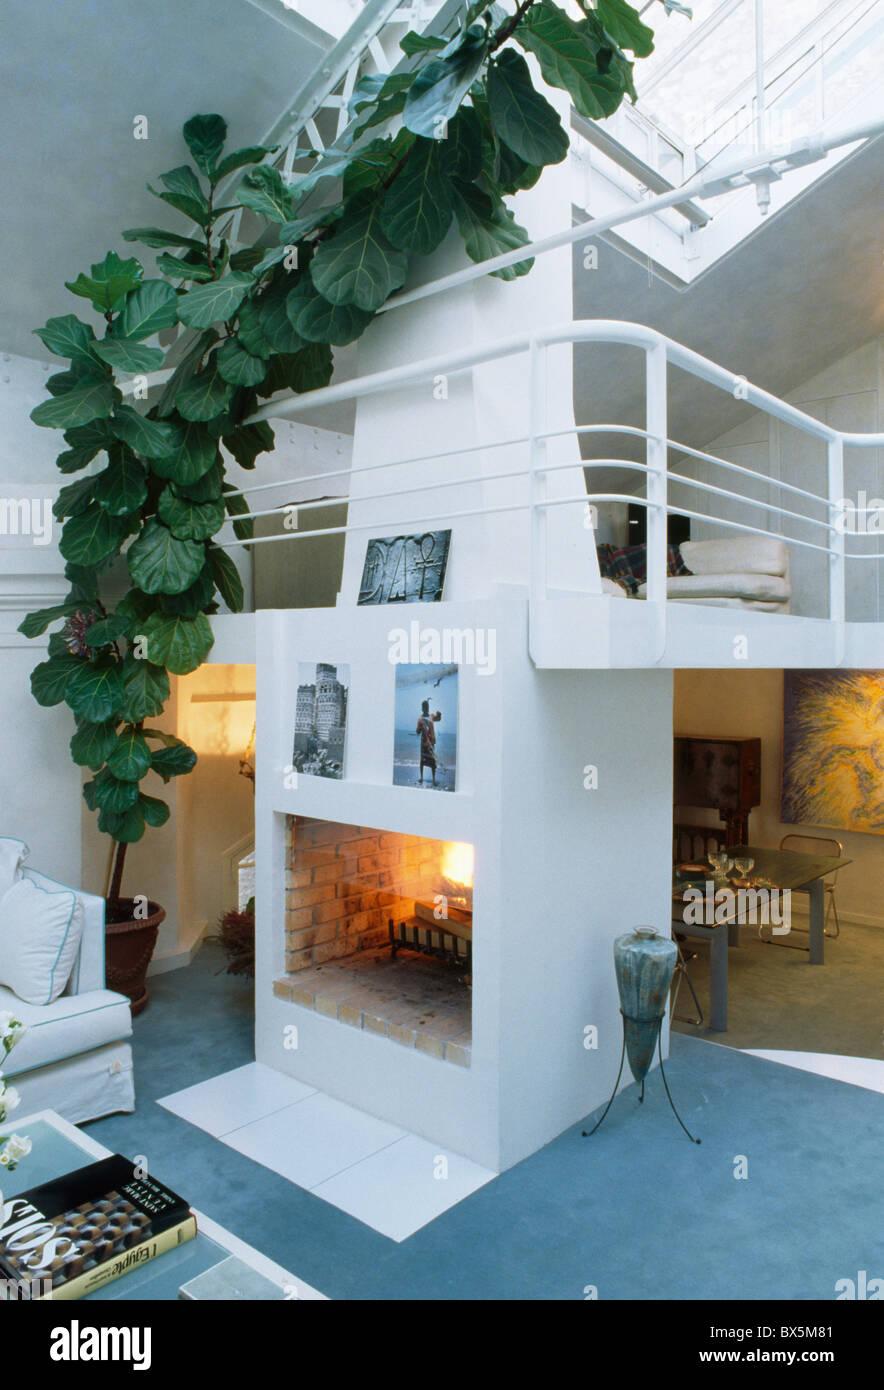 Hoch klettern grüne Zimmerpflanze Kamin in modernen ...